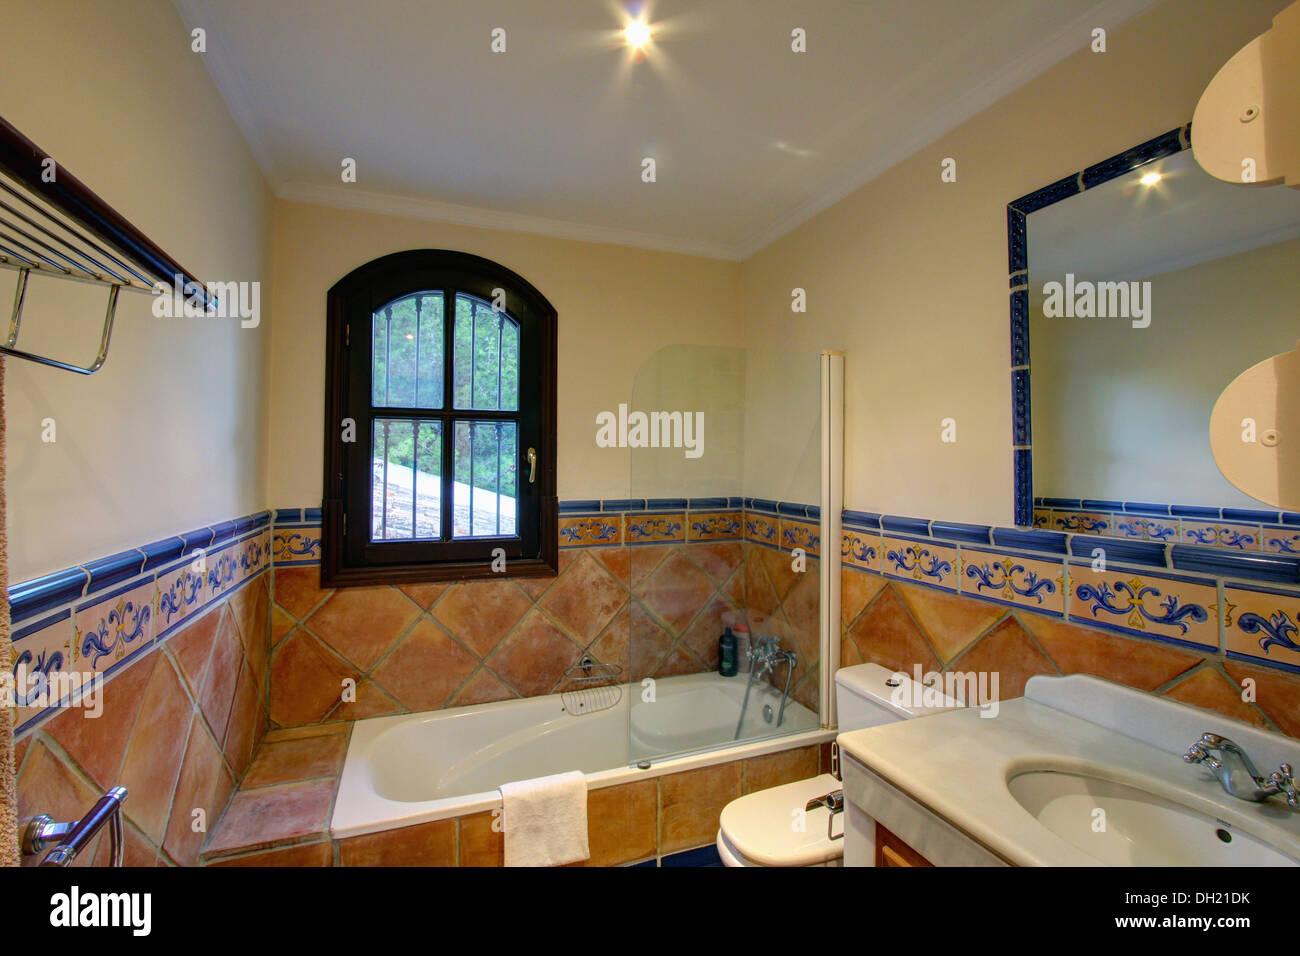 Fenêtre au-dessus de baignoire en espagnol salle de bains ...